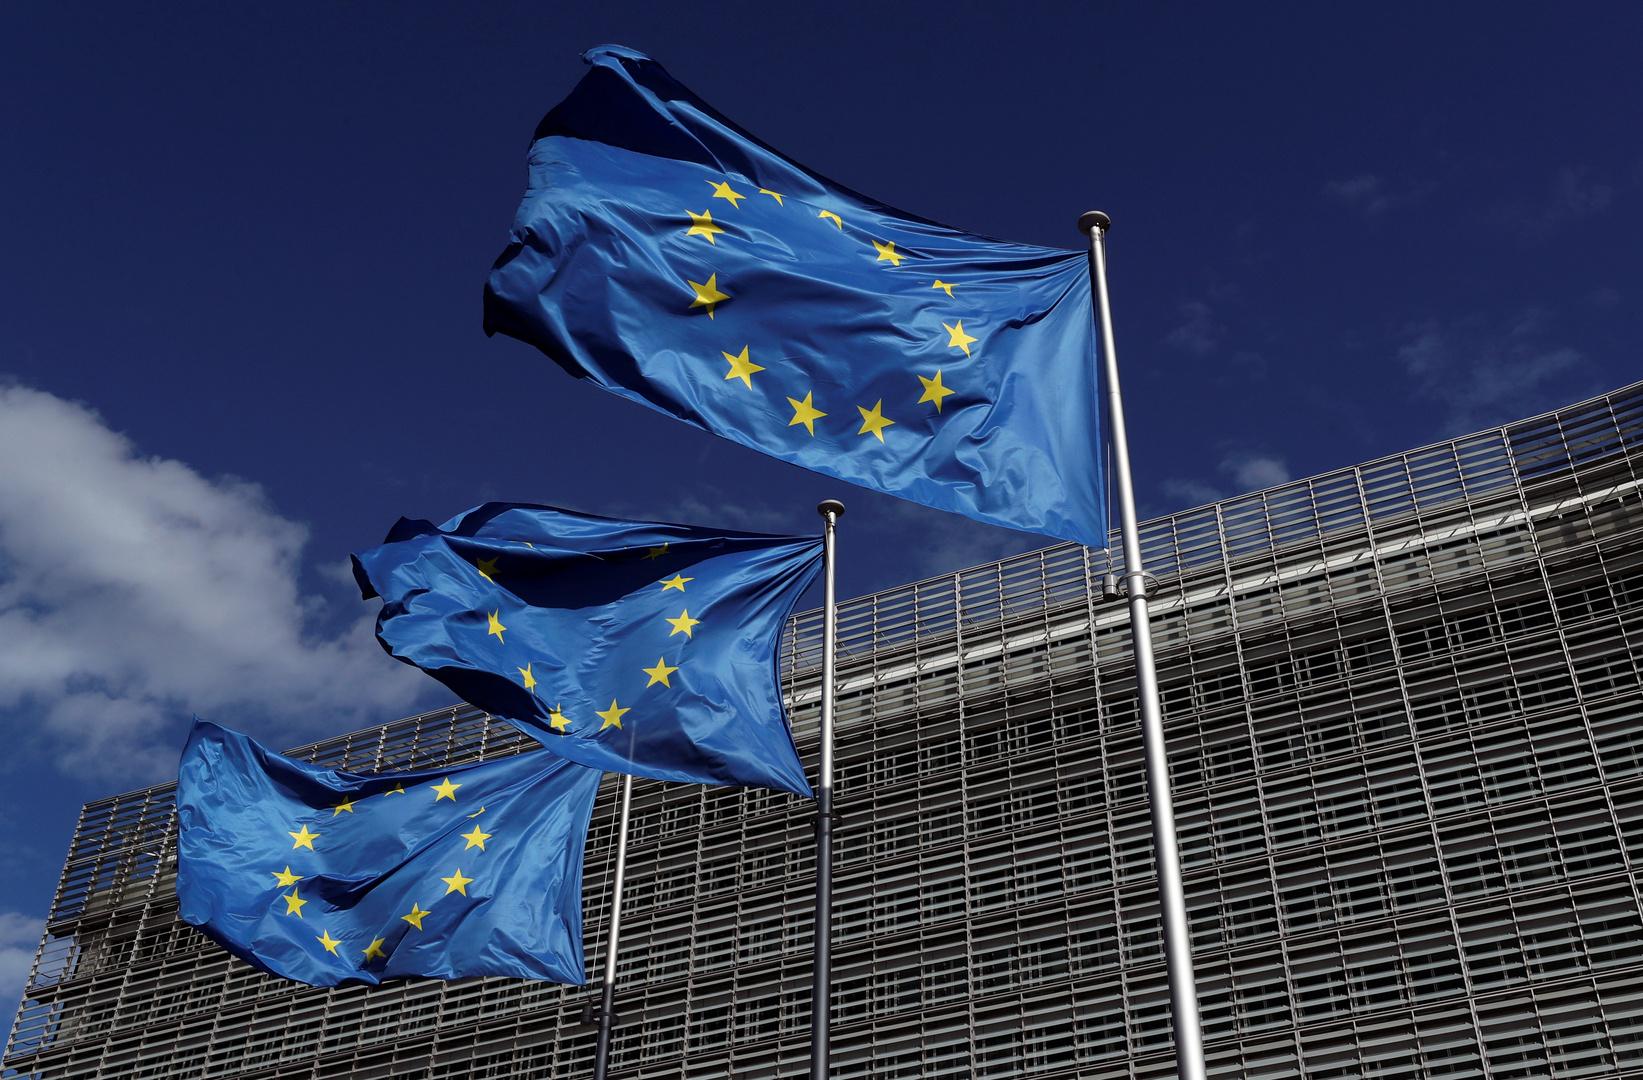 مشرعون أوروبيون يطالبون بتعليق مفاوضات عضوية تركيا في الاتحاد الأوروبي